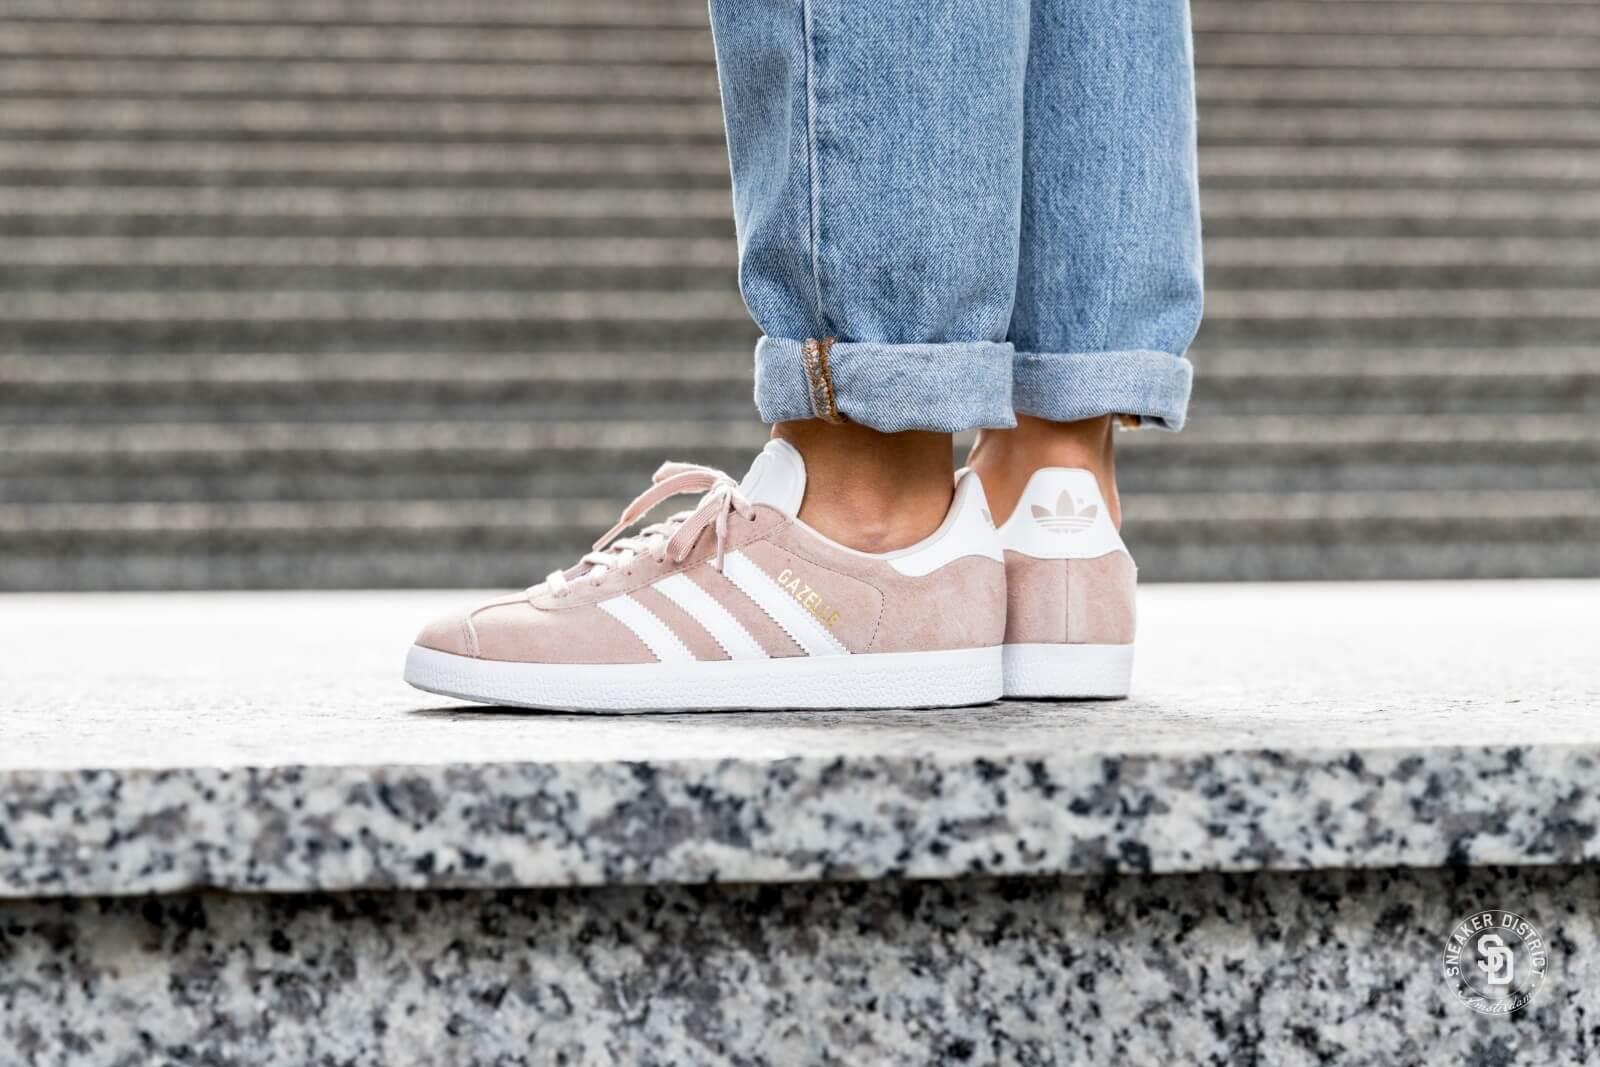 Adidas Women's Gazelle Ash Pearl/Footwear White/Linen